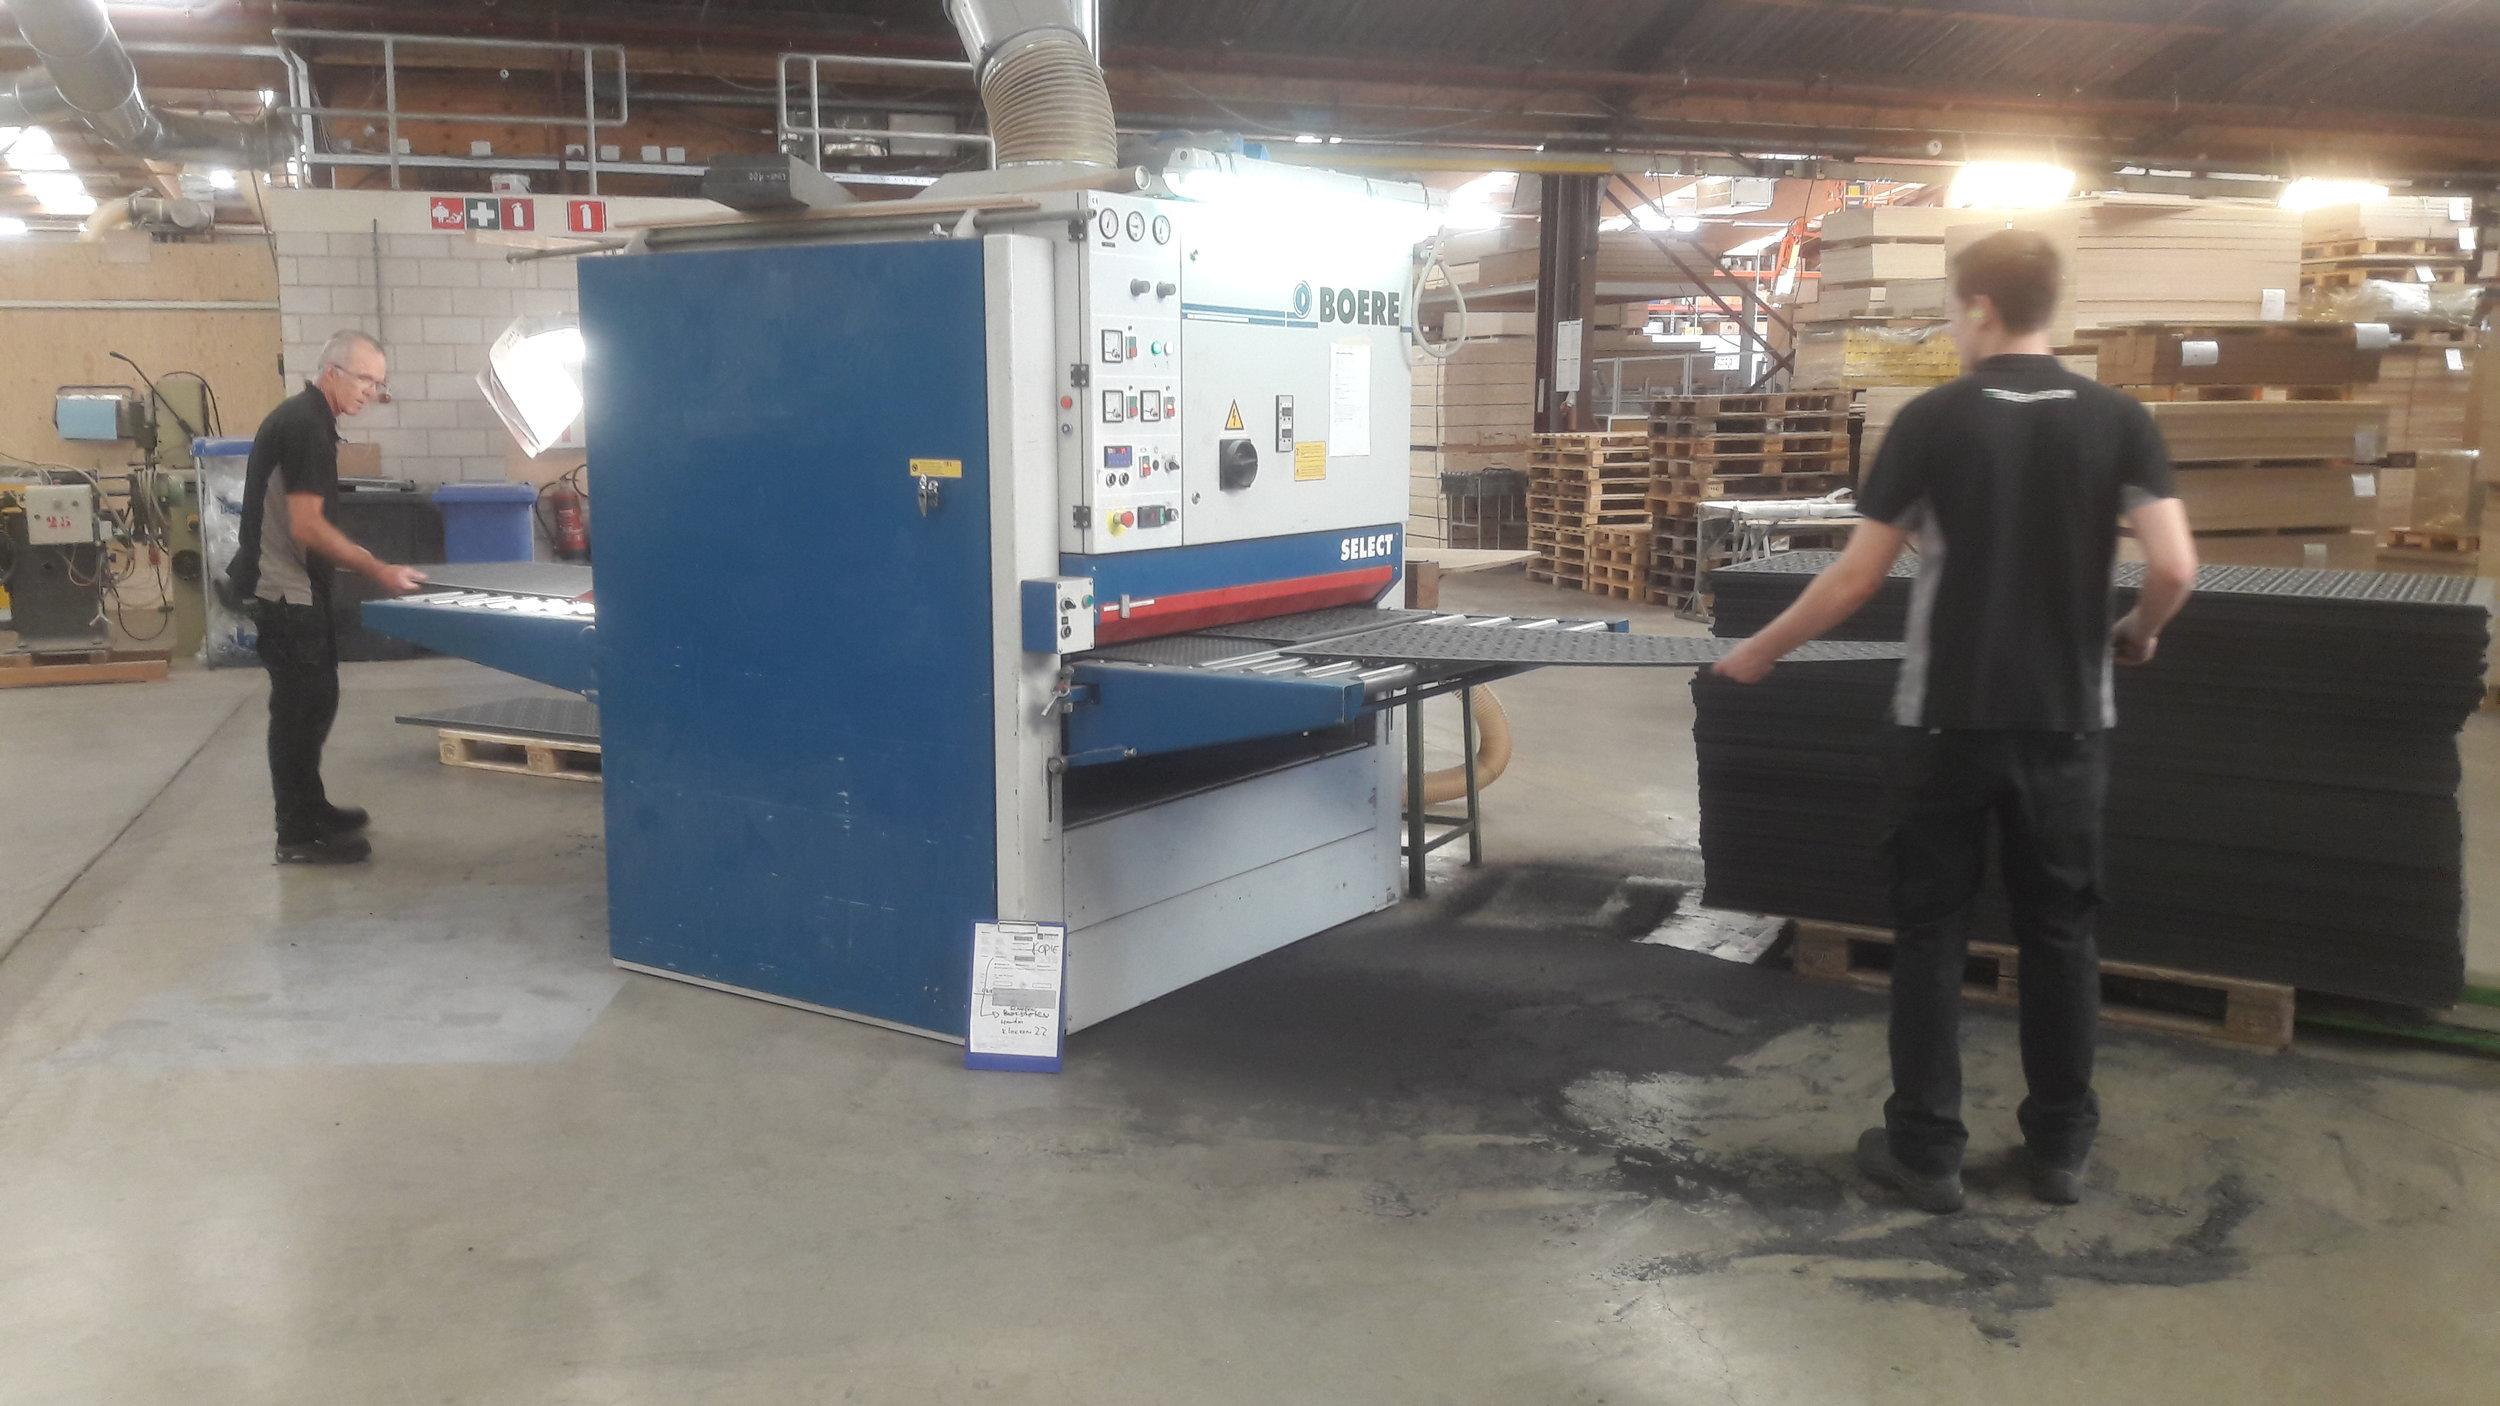 Schuren - Nabewerking zoals schuren kan machinaal tot een breedte van 125 cm. Een borstelmachine staat ook ter beschikking voor oppervlakte afwerking van niet-vlakke producten.